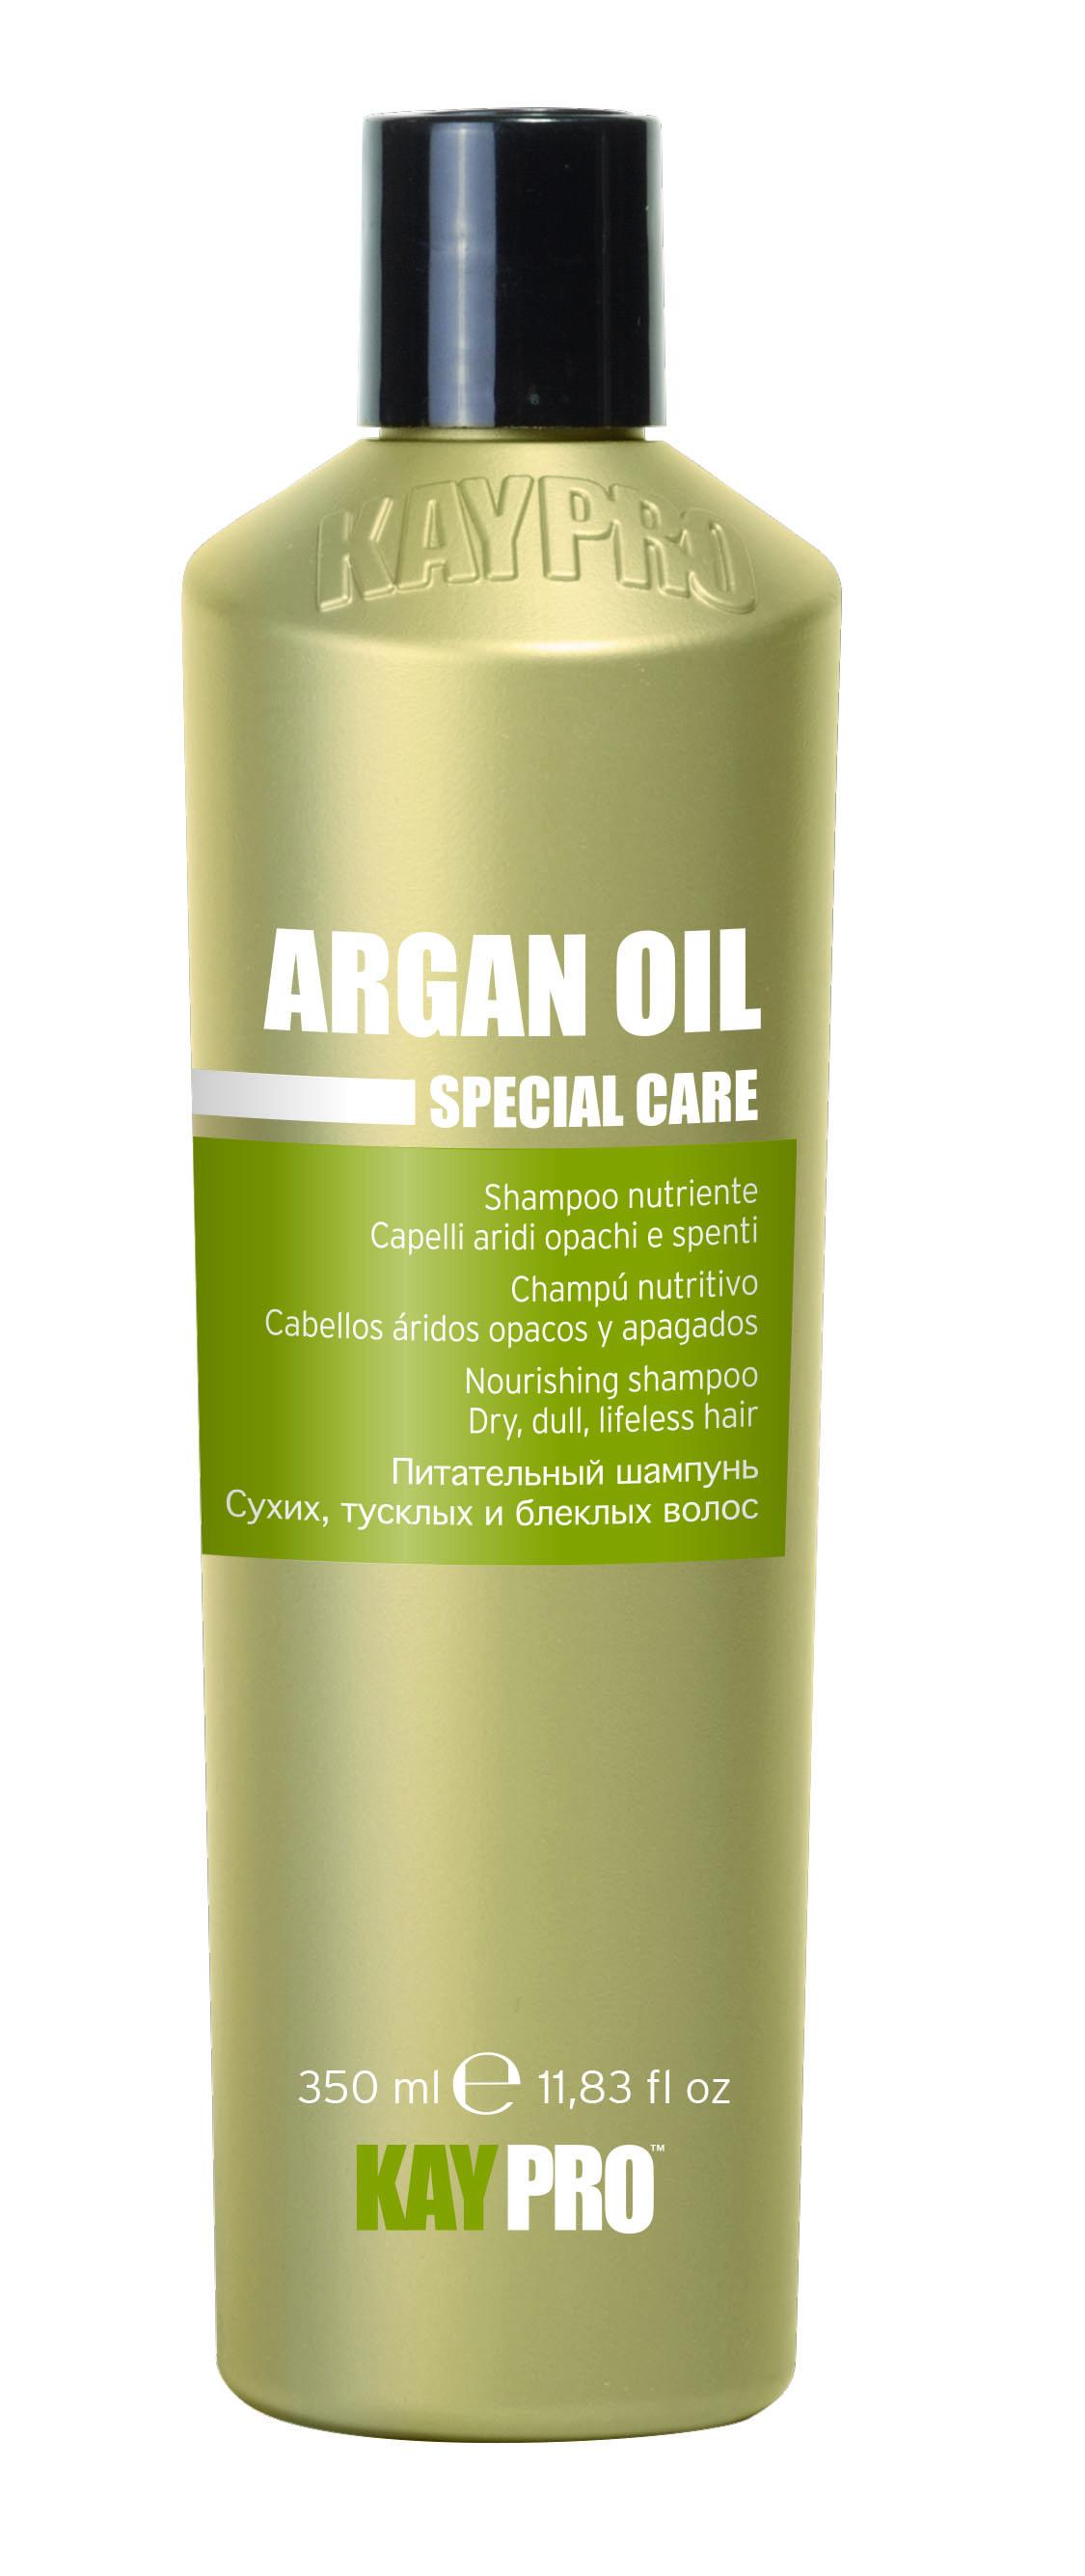 KAYPRO Шампунь питательный с аргановым маслом / KAYPRO 350млШампуни<br>ДЛЯ СУХИХ, ТУСКЛЫХ ВОЛОС. Деликатно очищает, делая волосы блестящими, легкими и шелковистыми. Оказывает защитное и антиоксидантное действие, особенно подходящее для чувствительных, окрашенных, тусклых и безжизненных волос. Активные ингредиенты: аргановое масло. Способ применения: нанести на мокрые волосы, помассировать, затем смыть водой.<br><br>Объем: 350 мл<br>Вид средства для волос: Питательный